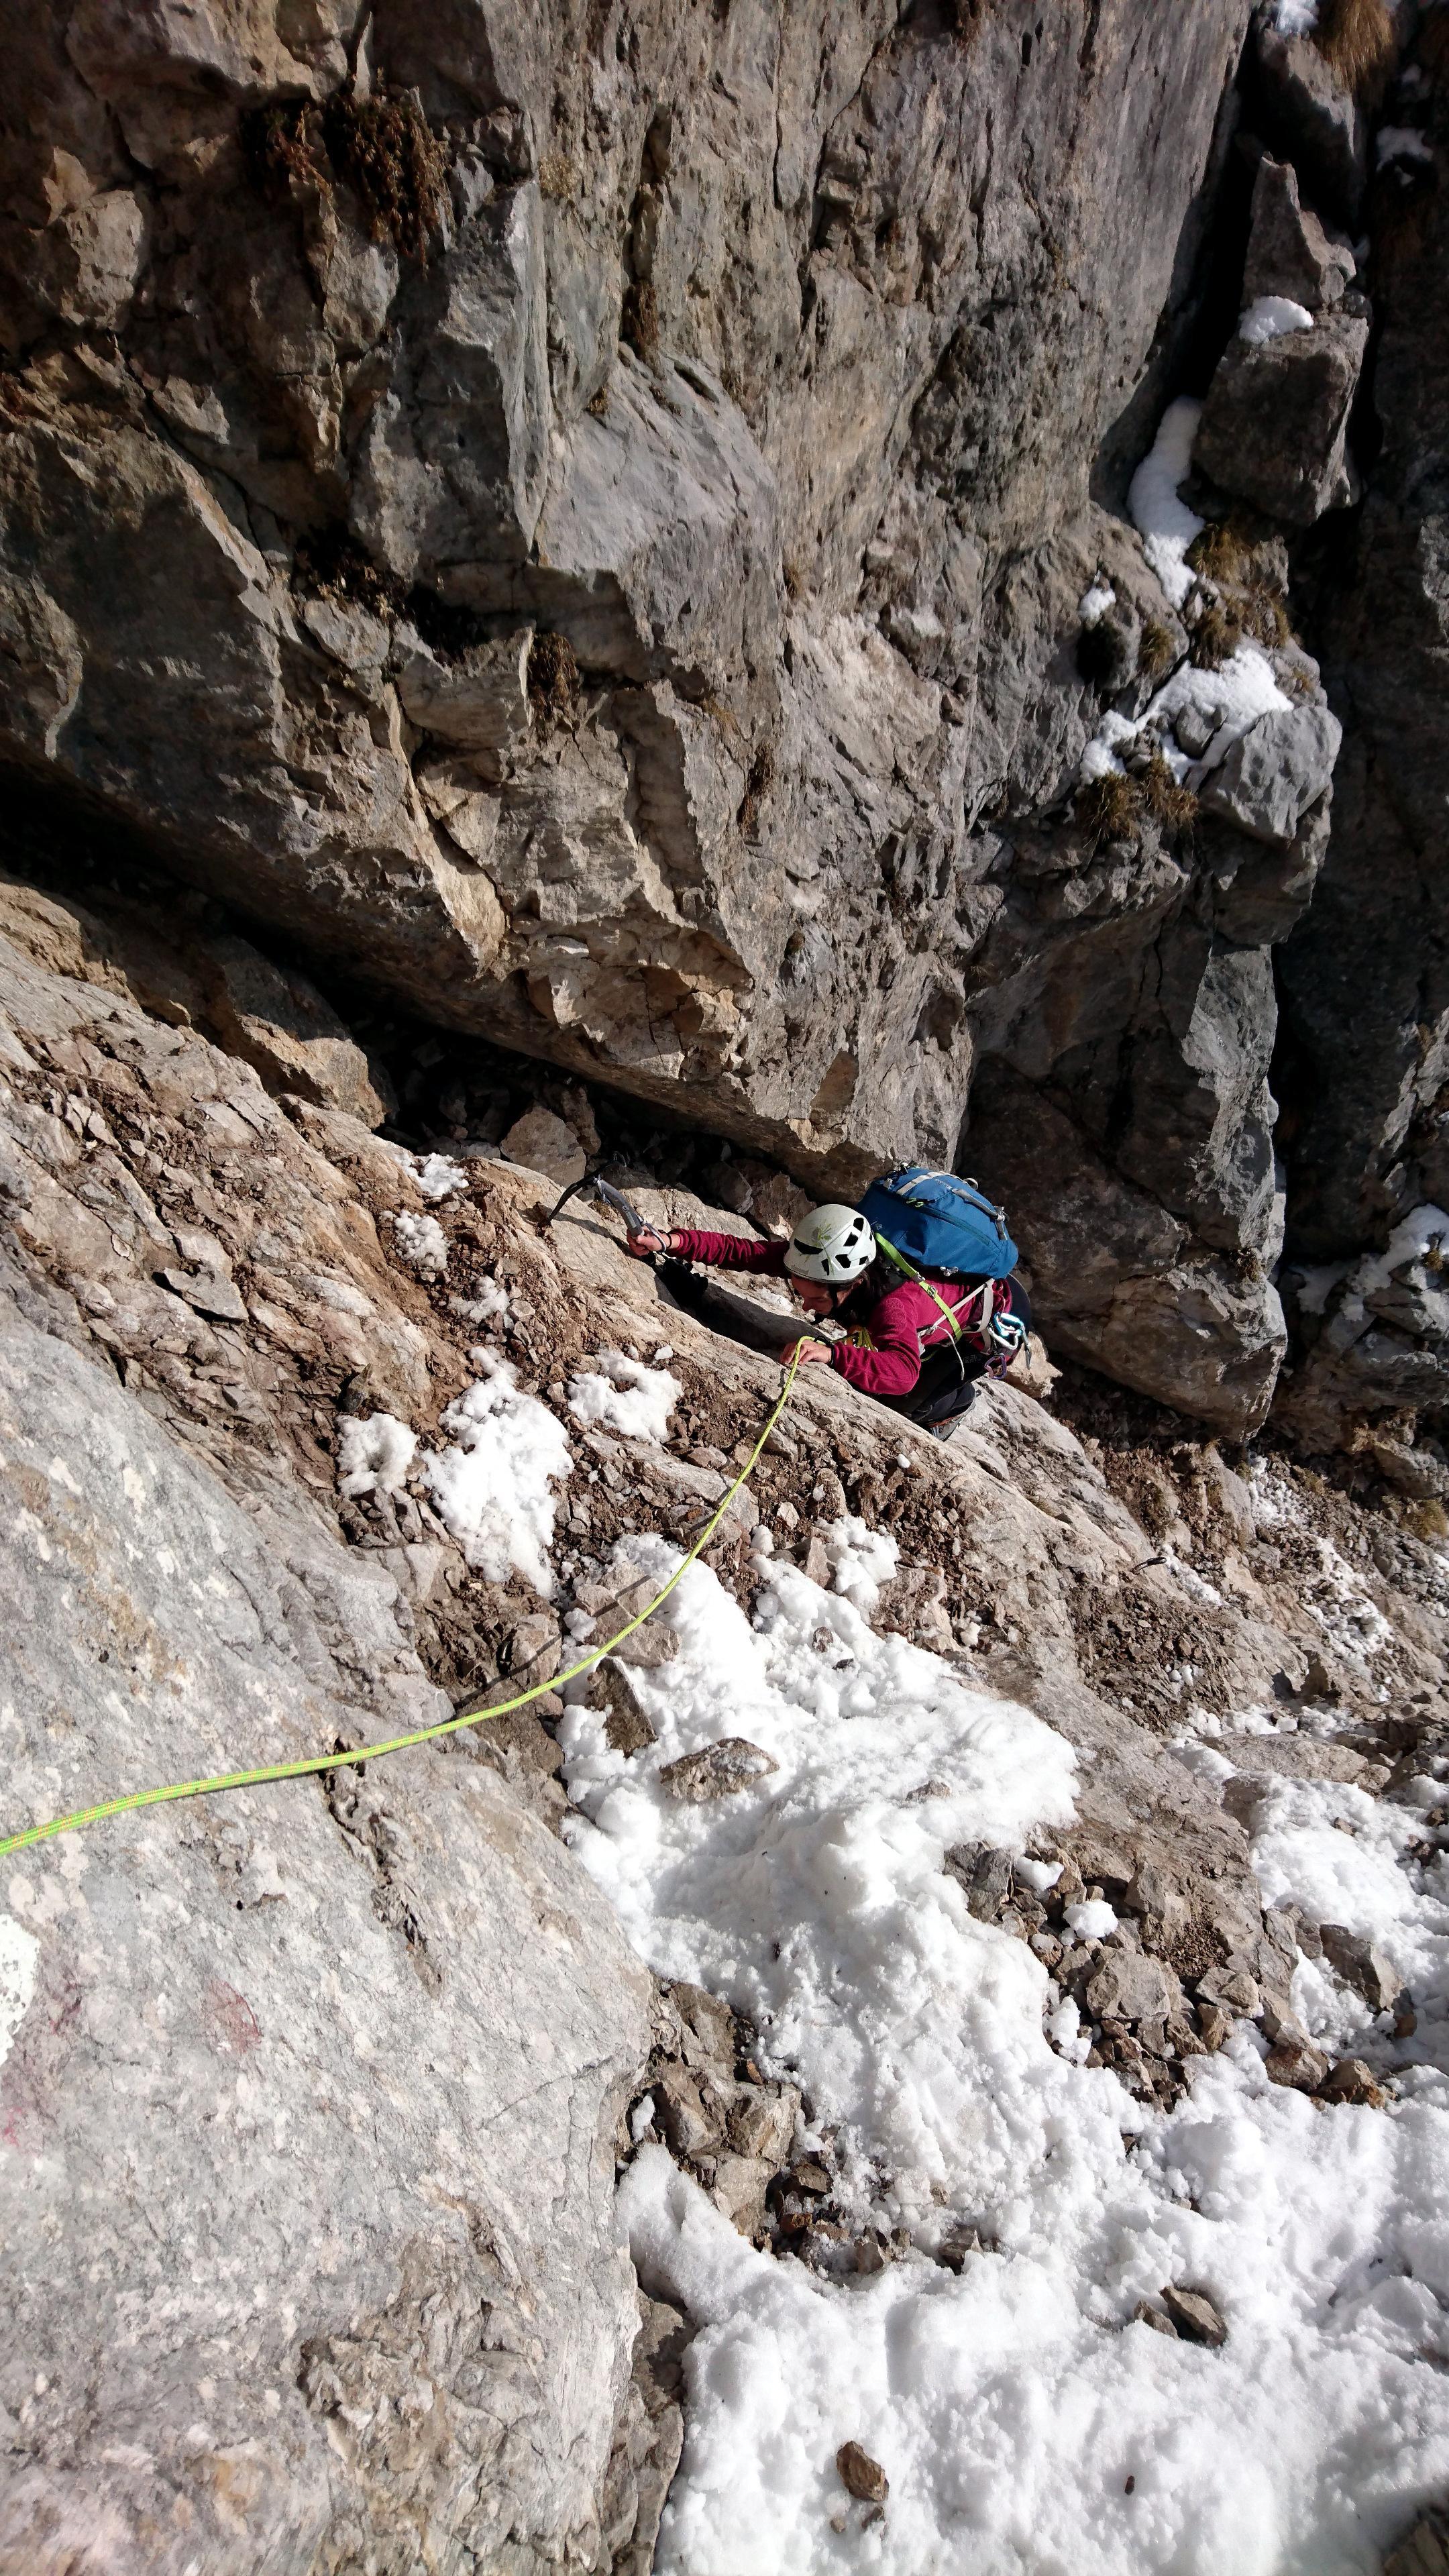 Erica impegnata sul primo muretto prende confidenza con la roccia piuttosto sfasciumosa della parte iniziale